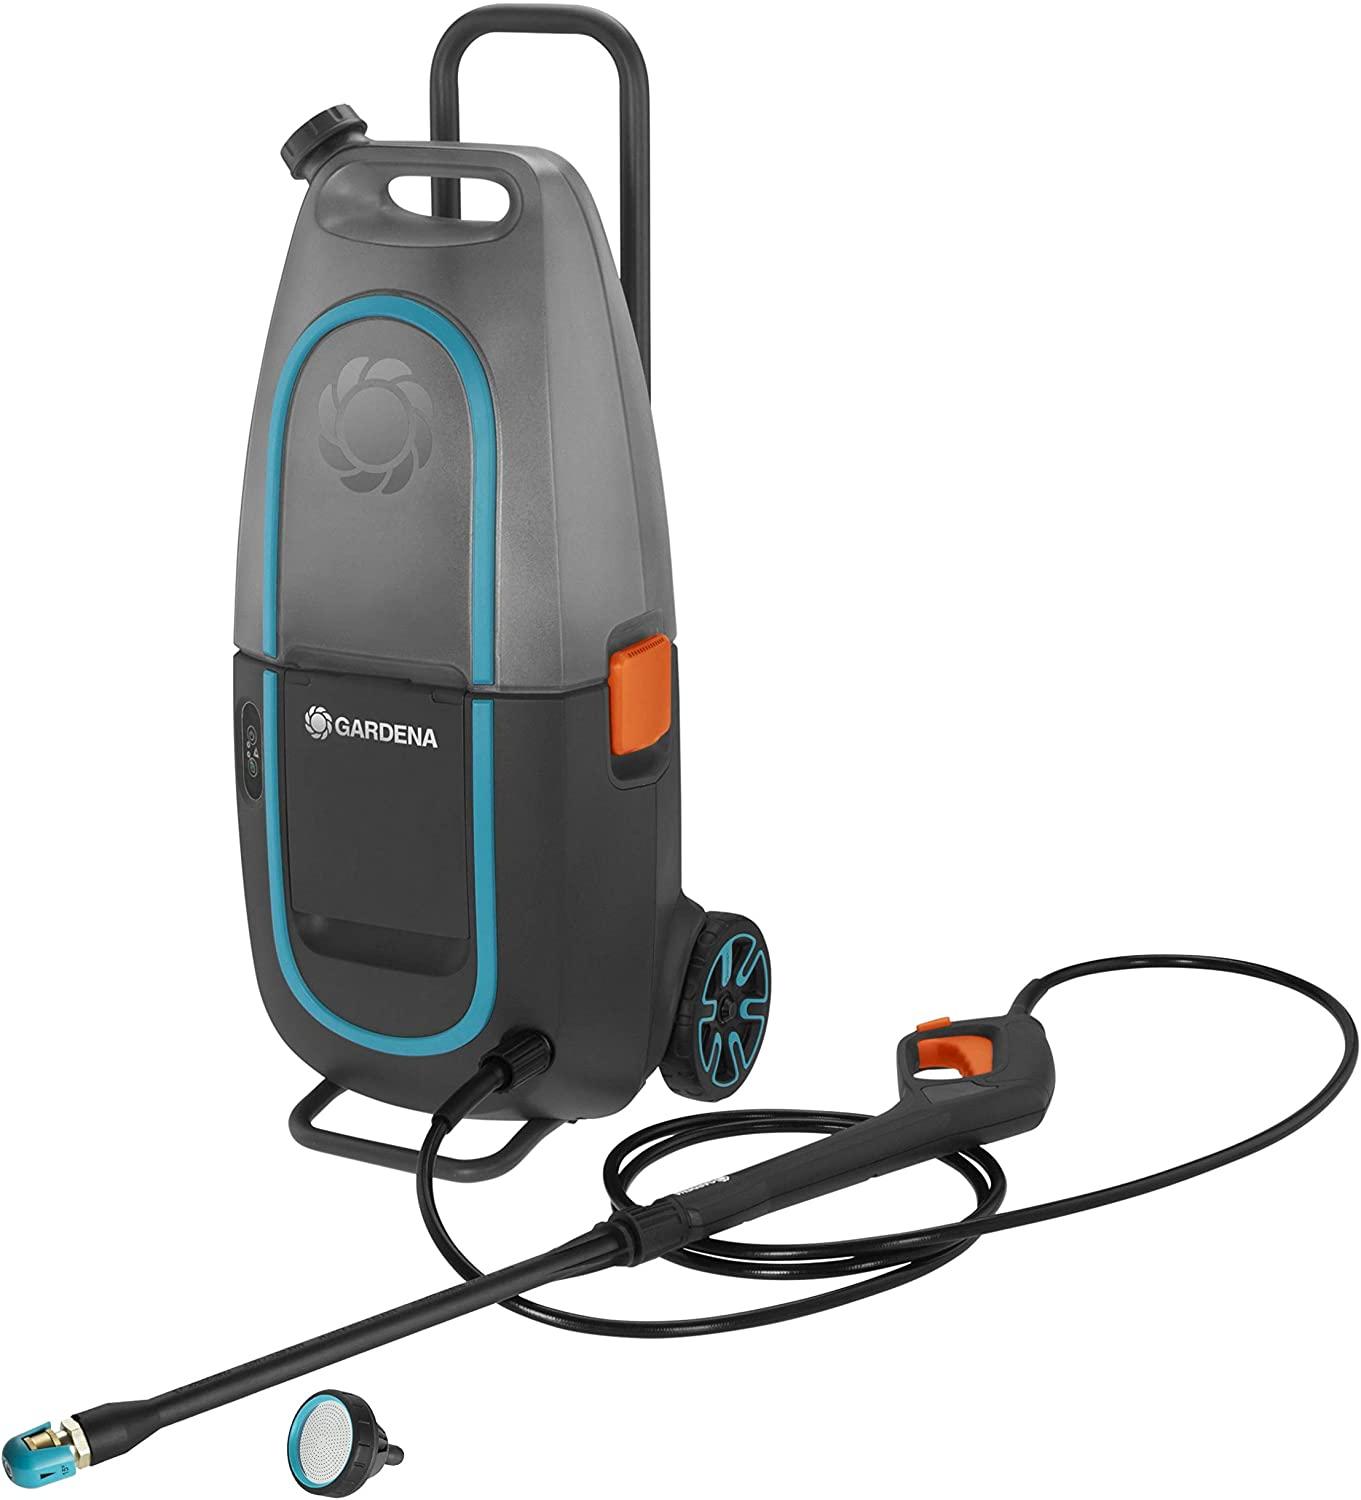 GARDENA AquaClean 9341-55 Limpiadora de alta presión Li-40/60 sin batería, limpiador de superficies para exterior